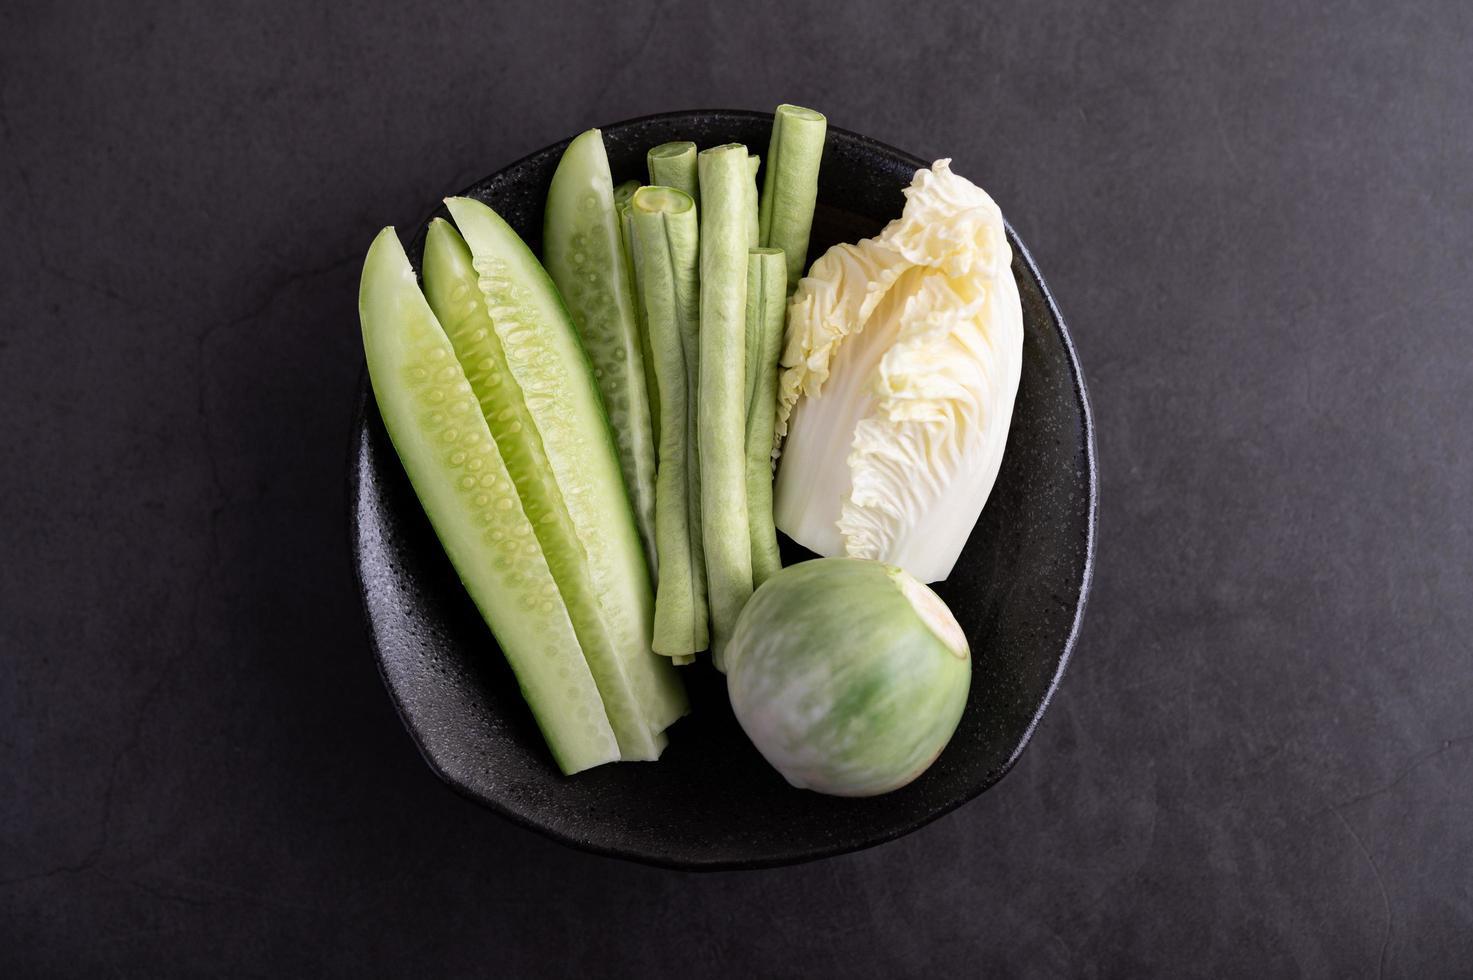 concombre, haricots longs, aubergine thaï et chou blanc photo